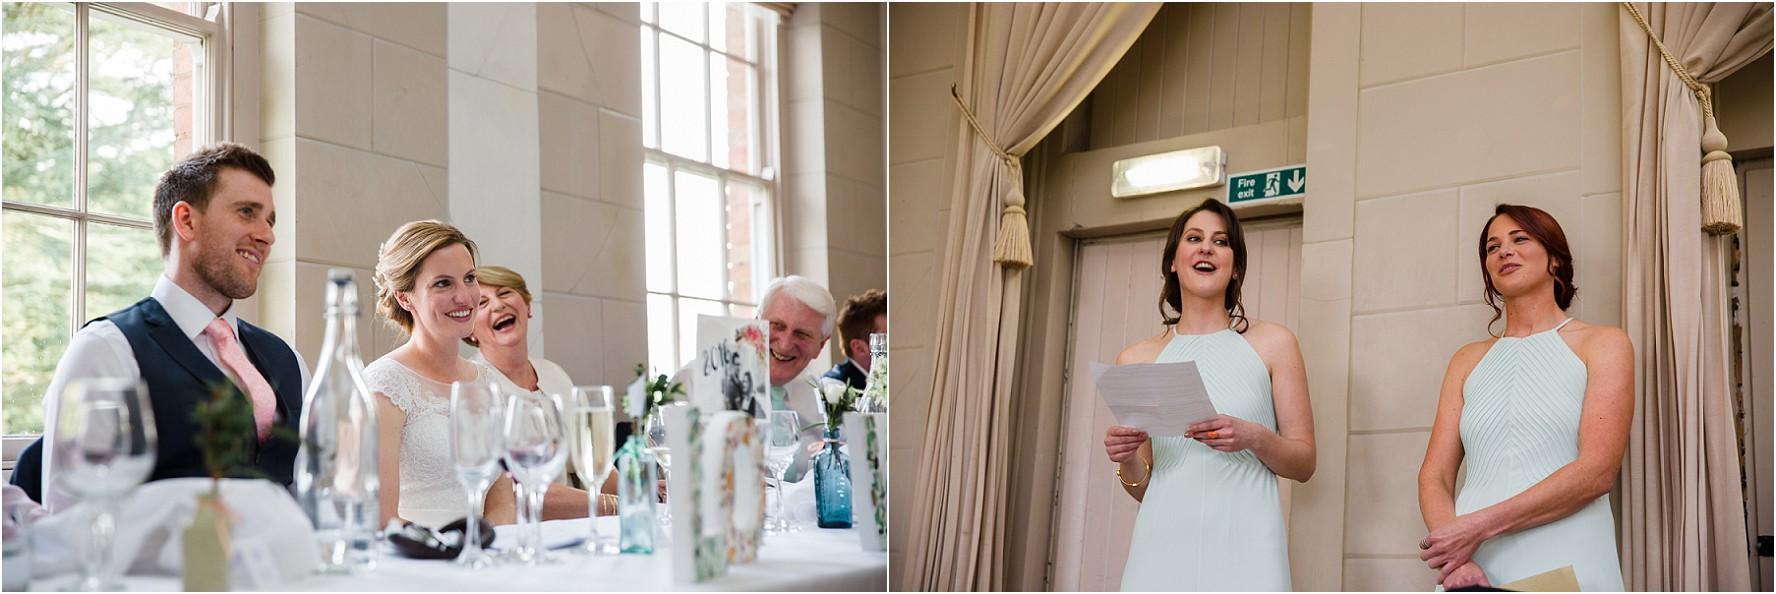 Wedding Photography Norwood Park_0133